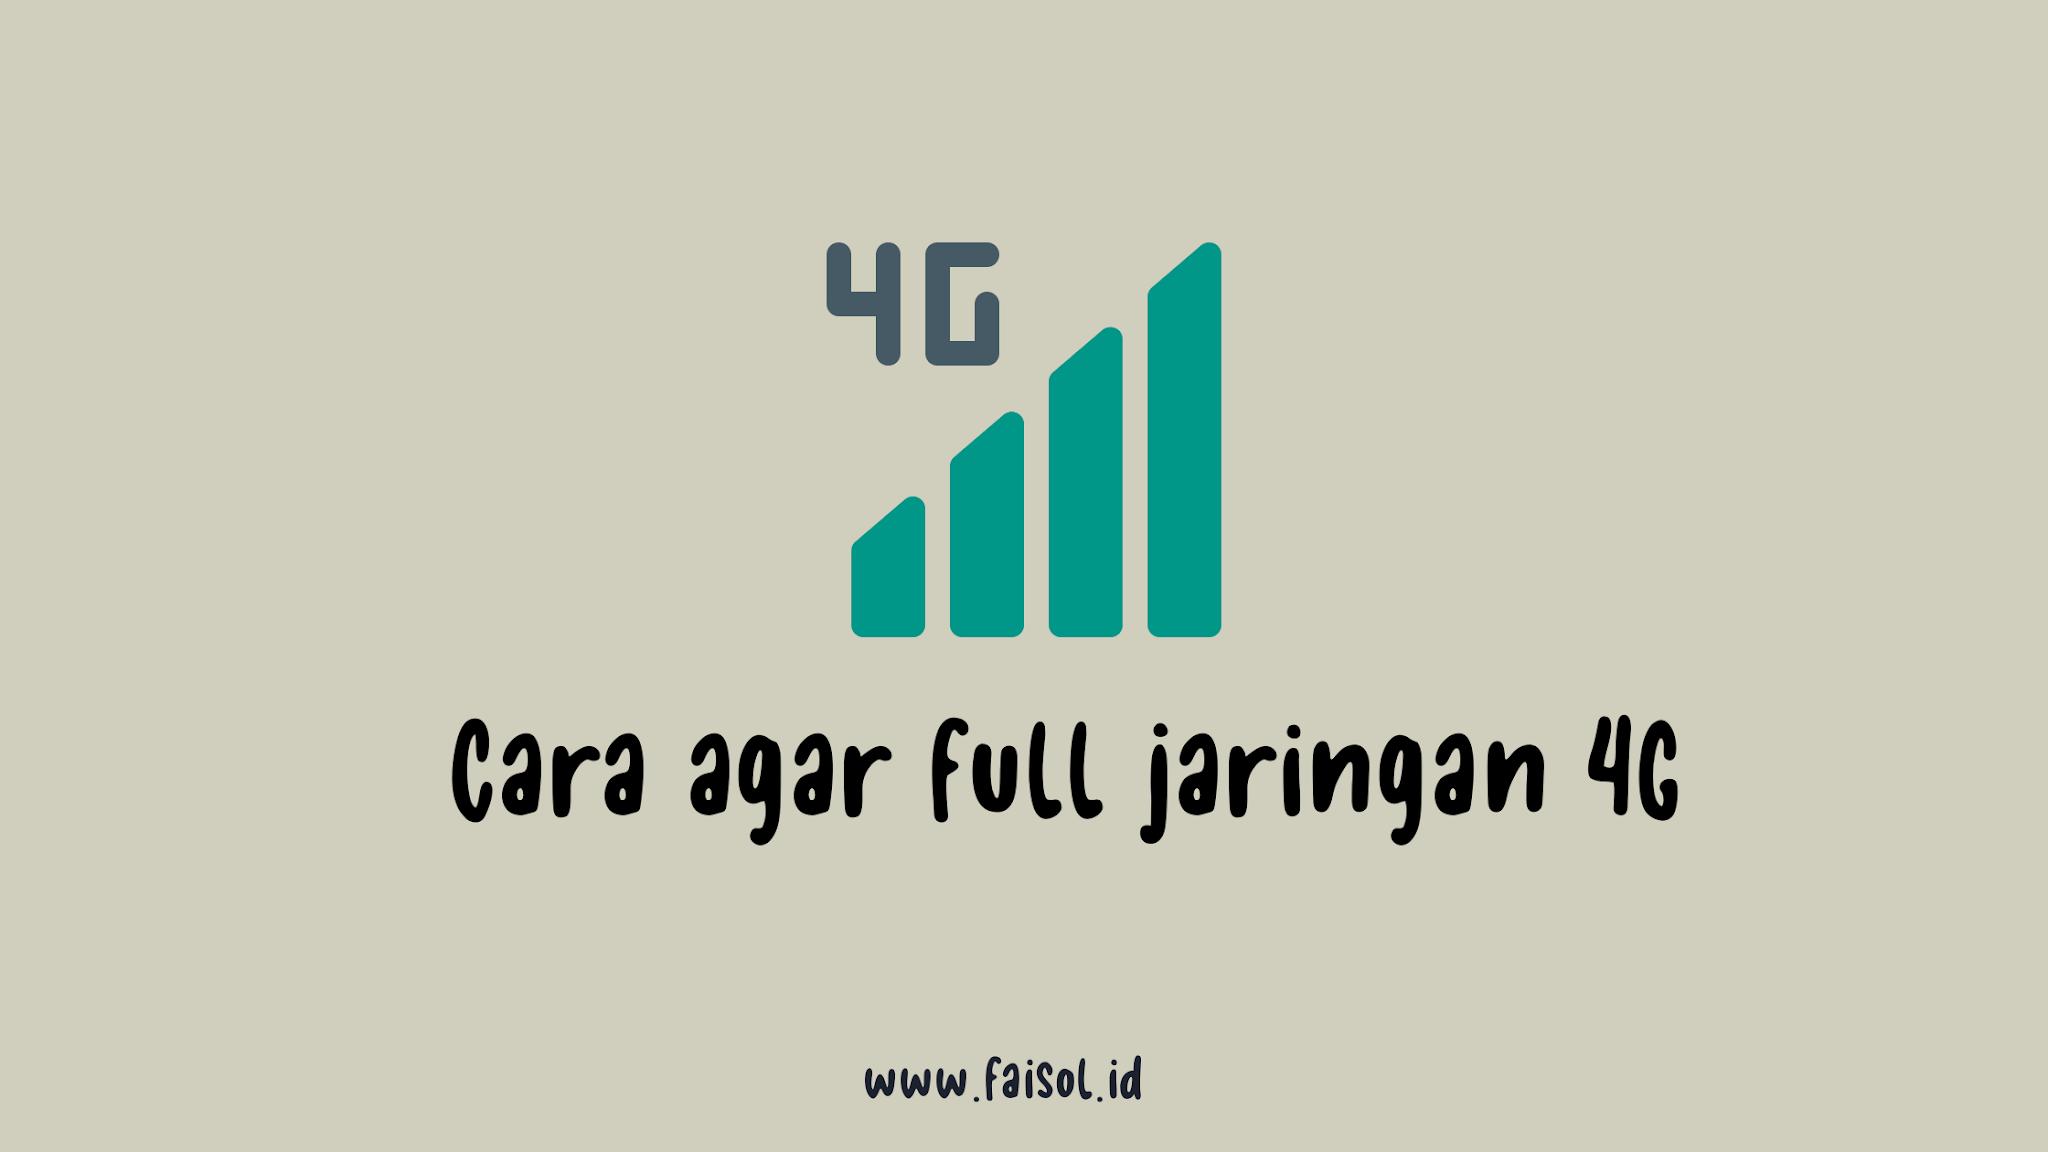 Cara agar jaringan 4G